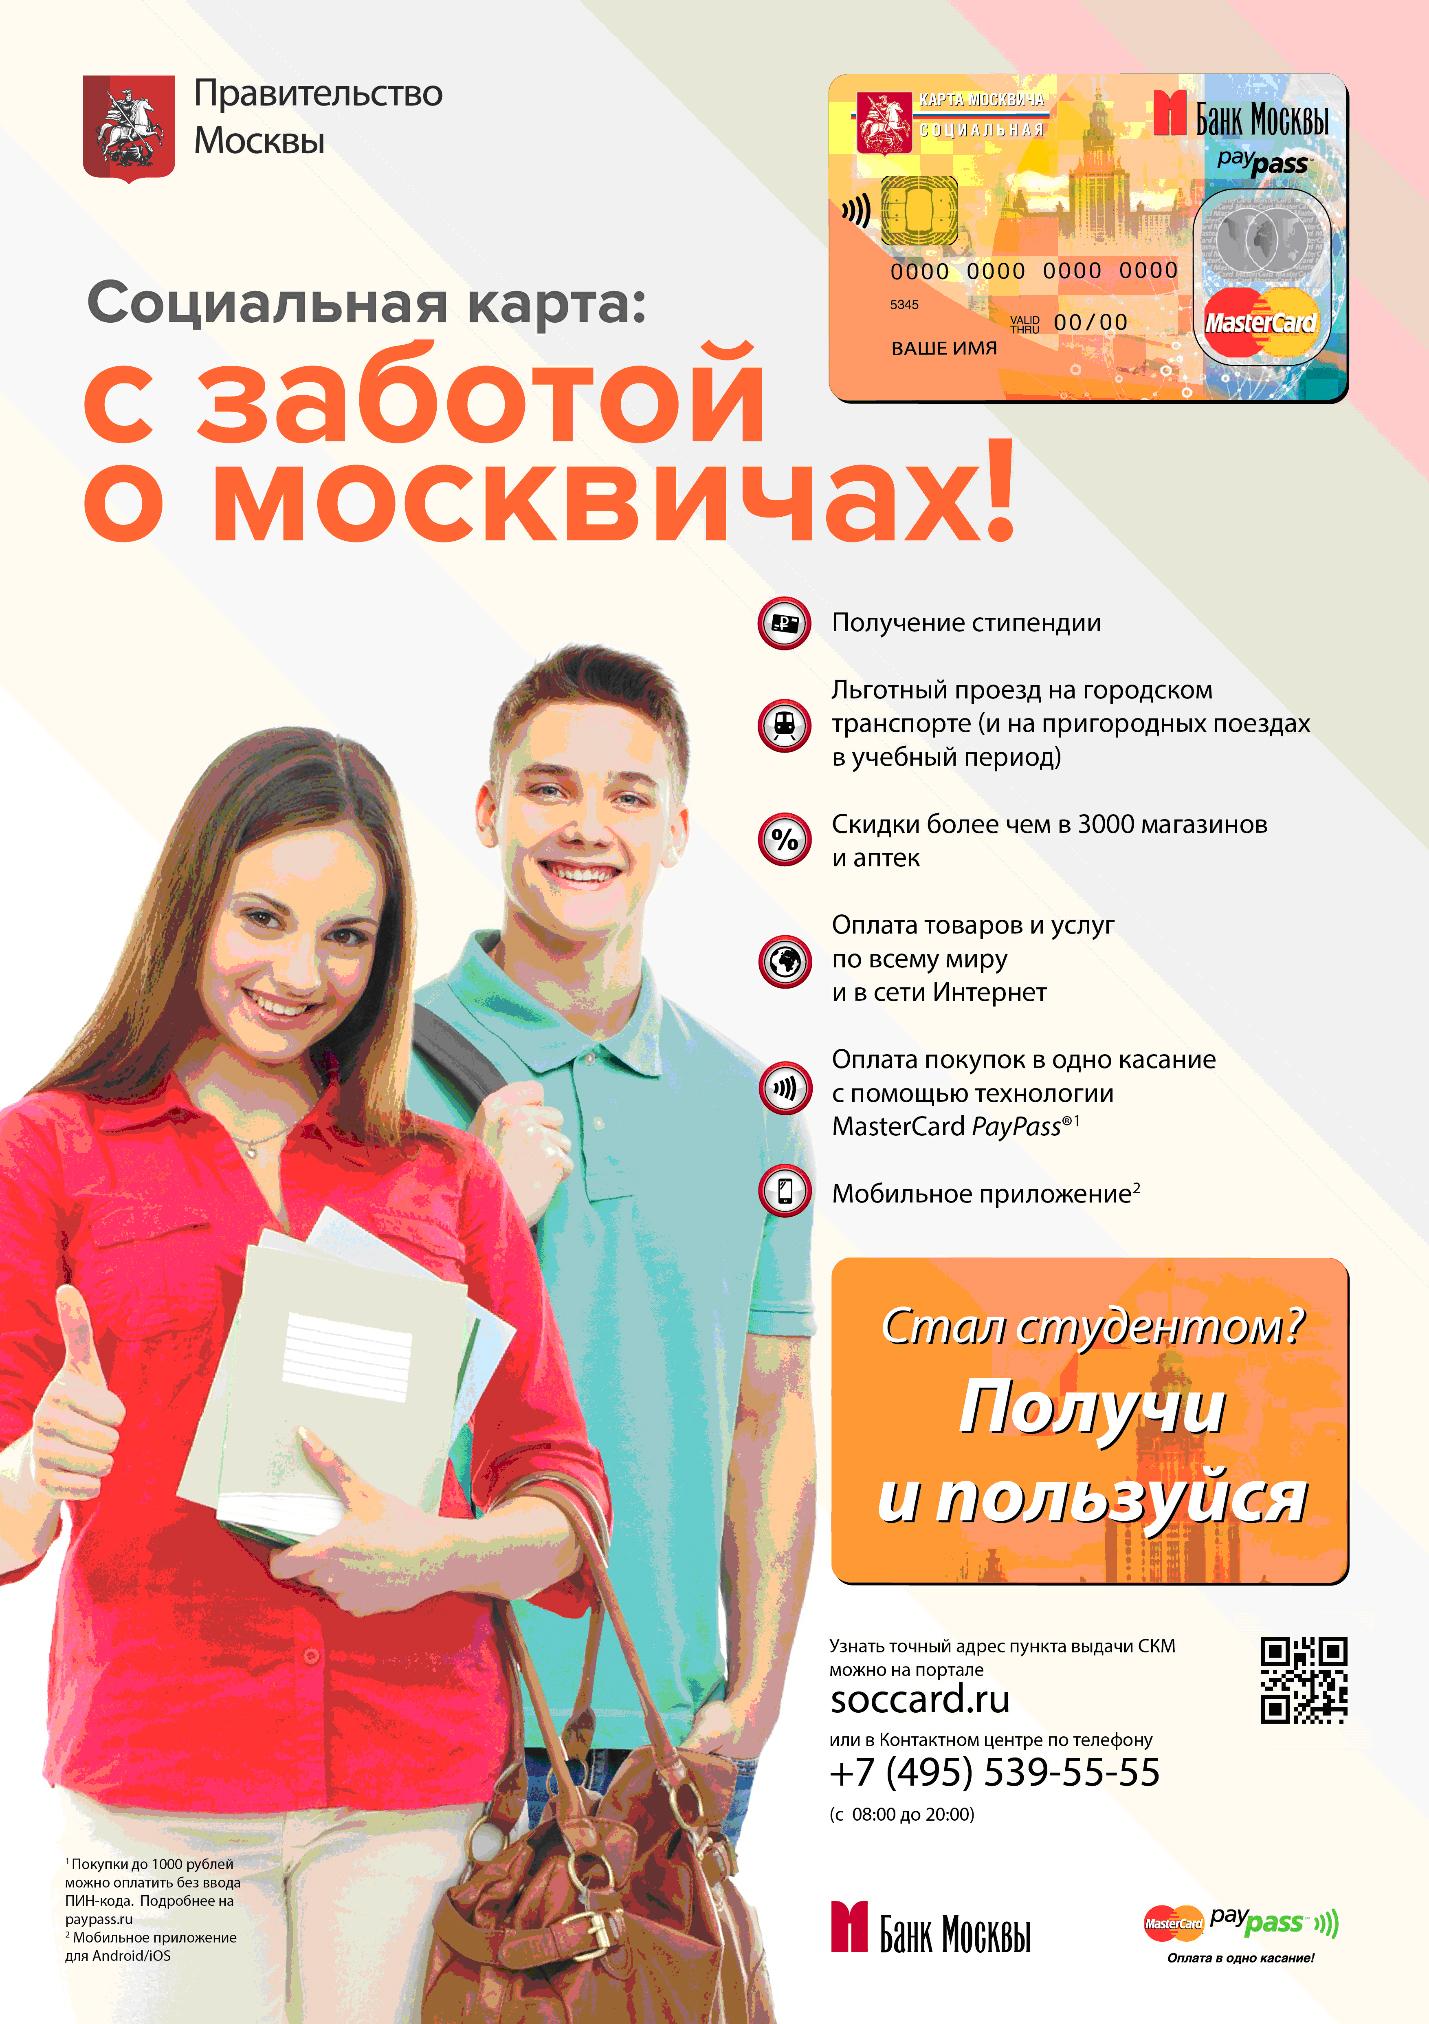 Социальная карта москвича: кому положена и как получить? 42